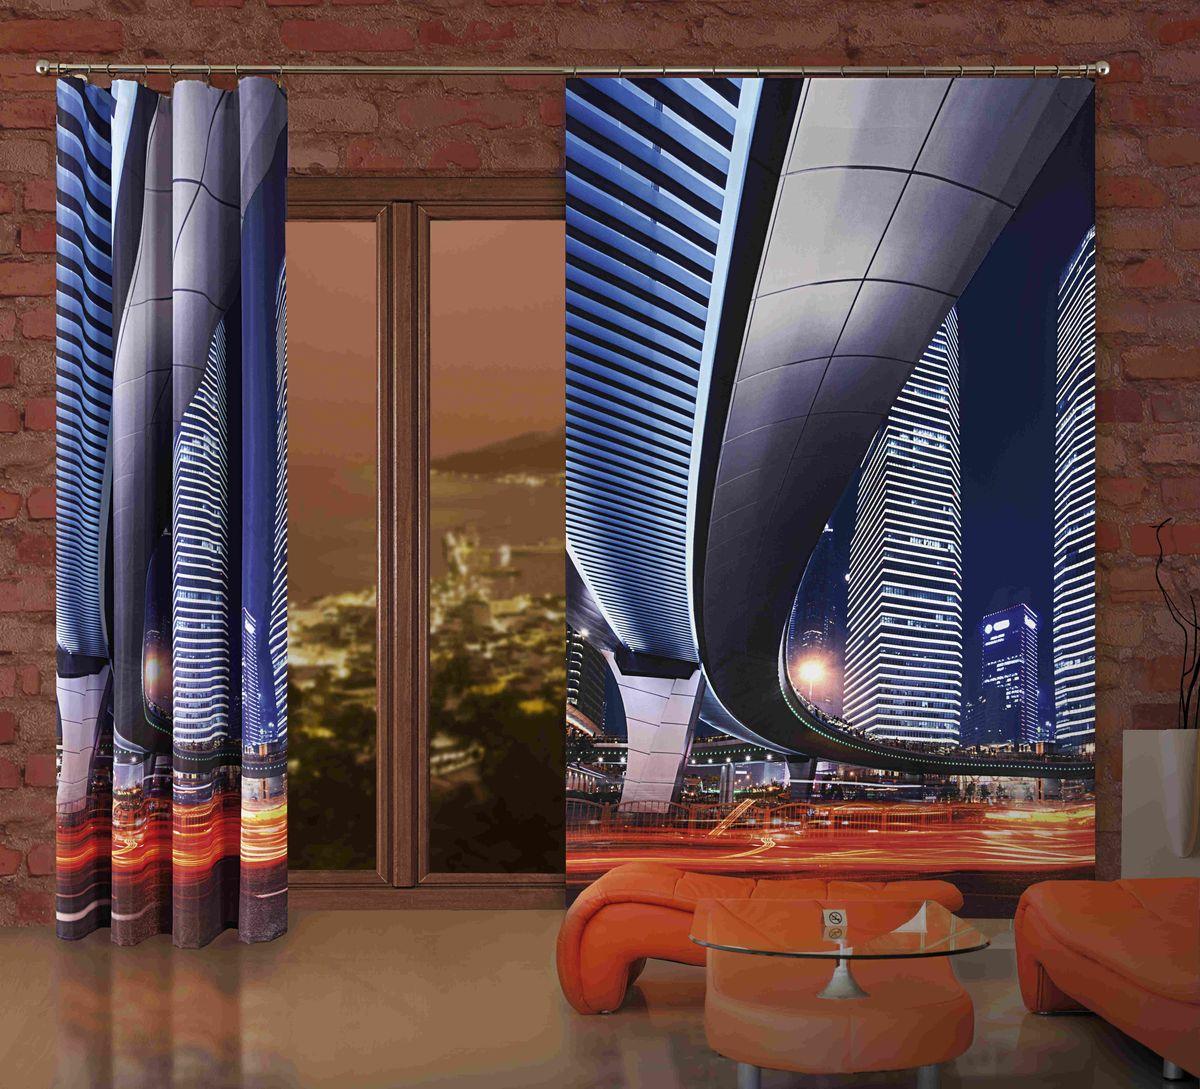 Комплект гардин-панно Wisan Miasto, на ленте, цвет: синий, высота 250 см270WКомплект гардин-панно Wisan Miasto, изготовленный из полиэстера, станет великолепным украшением любого окна. В комплект входят 2 плотные гардины с изображением ночной магистрали. Качественный материал, оригинальный дизайн и приятная цветовая гамма привлекут к себе внимание и органично впишутся в интерьер. Комплект оснащен шторной лентой для красивой сборки. Размер гардин-панно: 150 см х 250 см. Фирма Wisan на польском рынке существует уже более пятидесяти лет и является одной из лучших польских фабрик по производству штор и тканей. Ассортимент фирмы представлен готовыми комплектами штор для гостиной, детской, кухни, а также текстилем для кухни (скатерти, салфетки, дорожки, кухонные занавески). Модельный ряд отличает оригинальный дизайн, высокое качество. Ассортимент продукции постоянно пополняется.